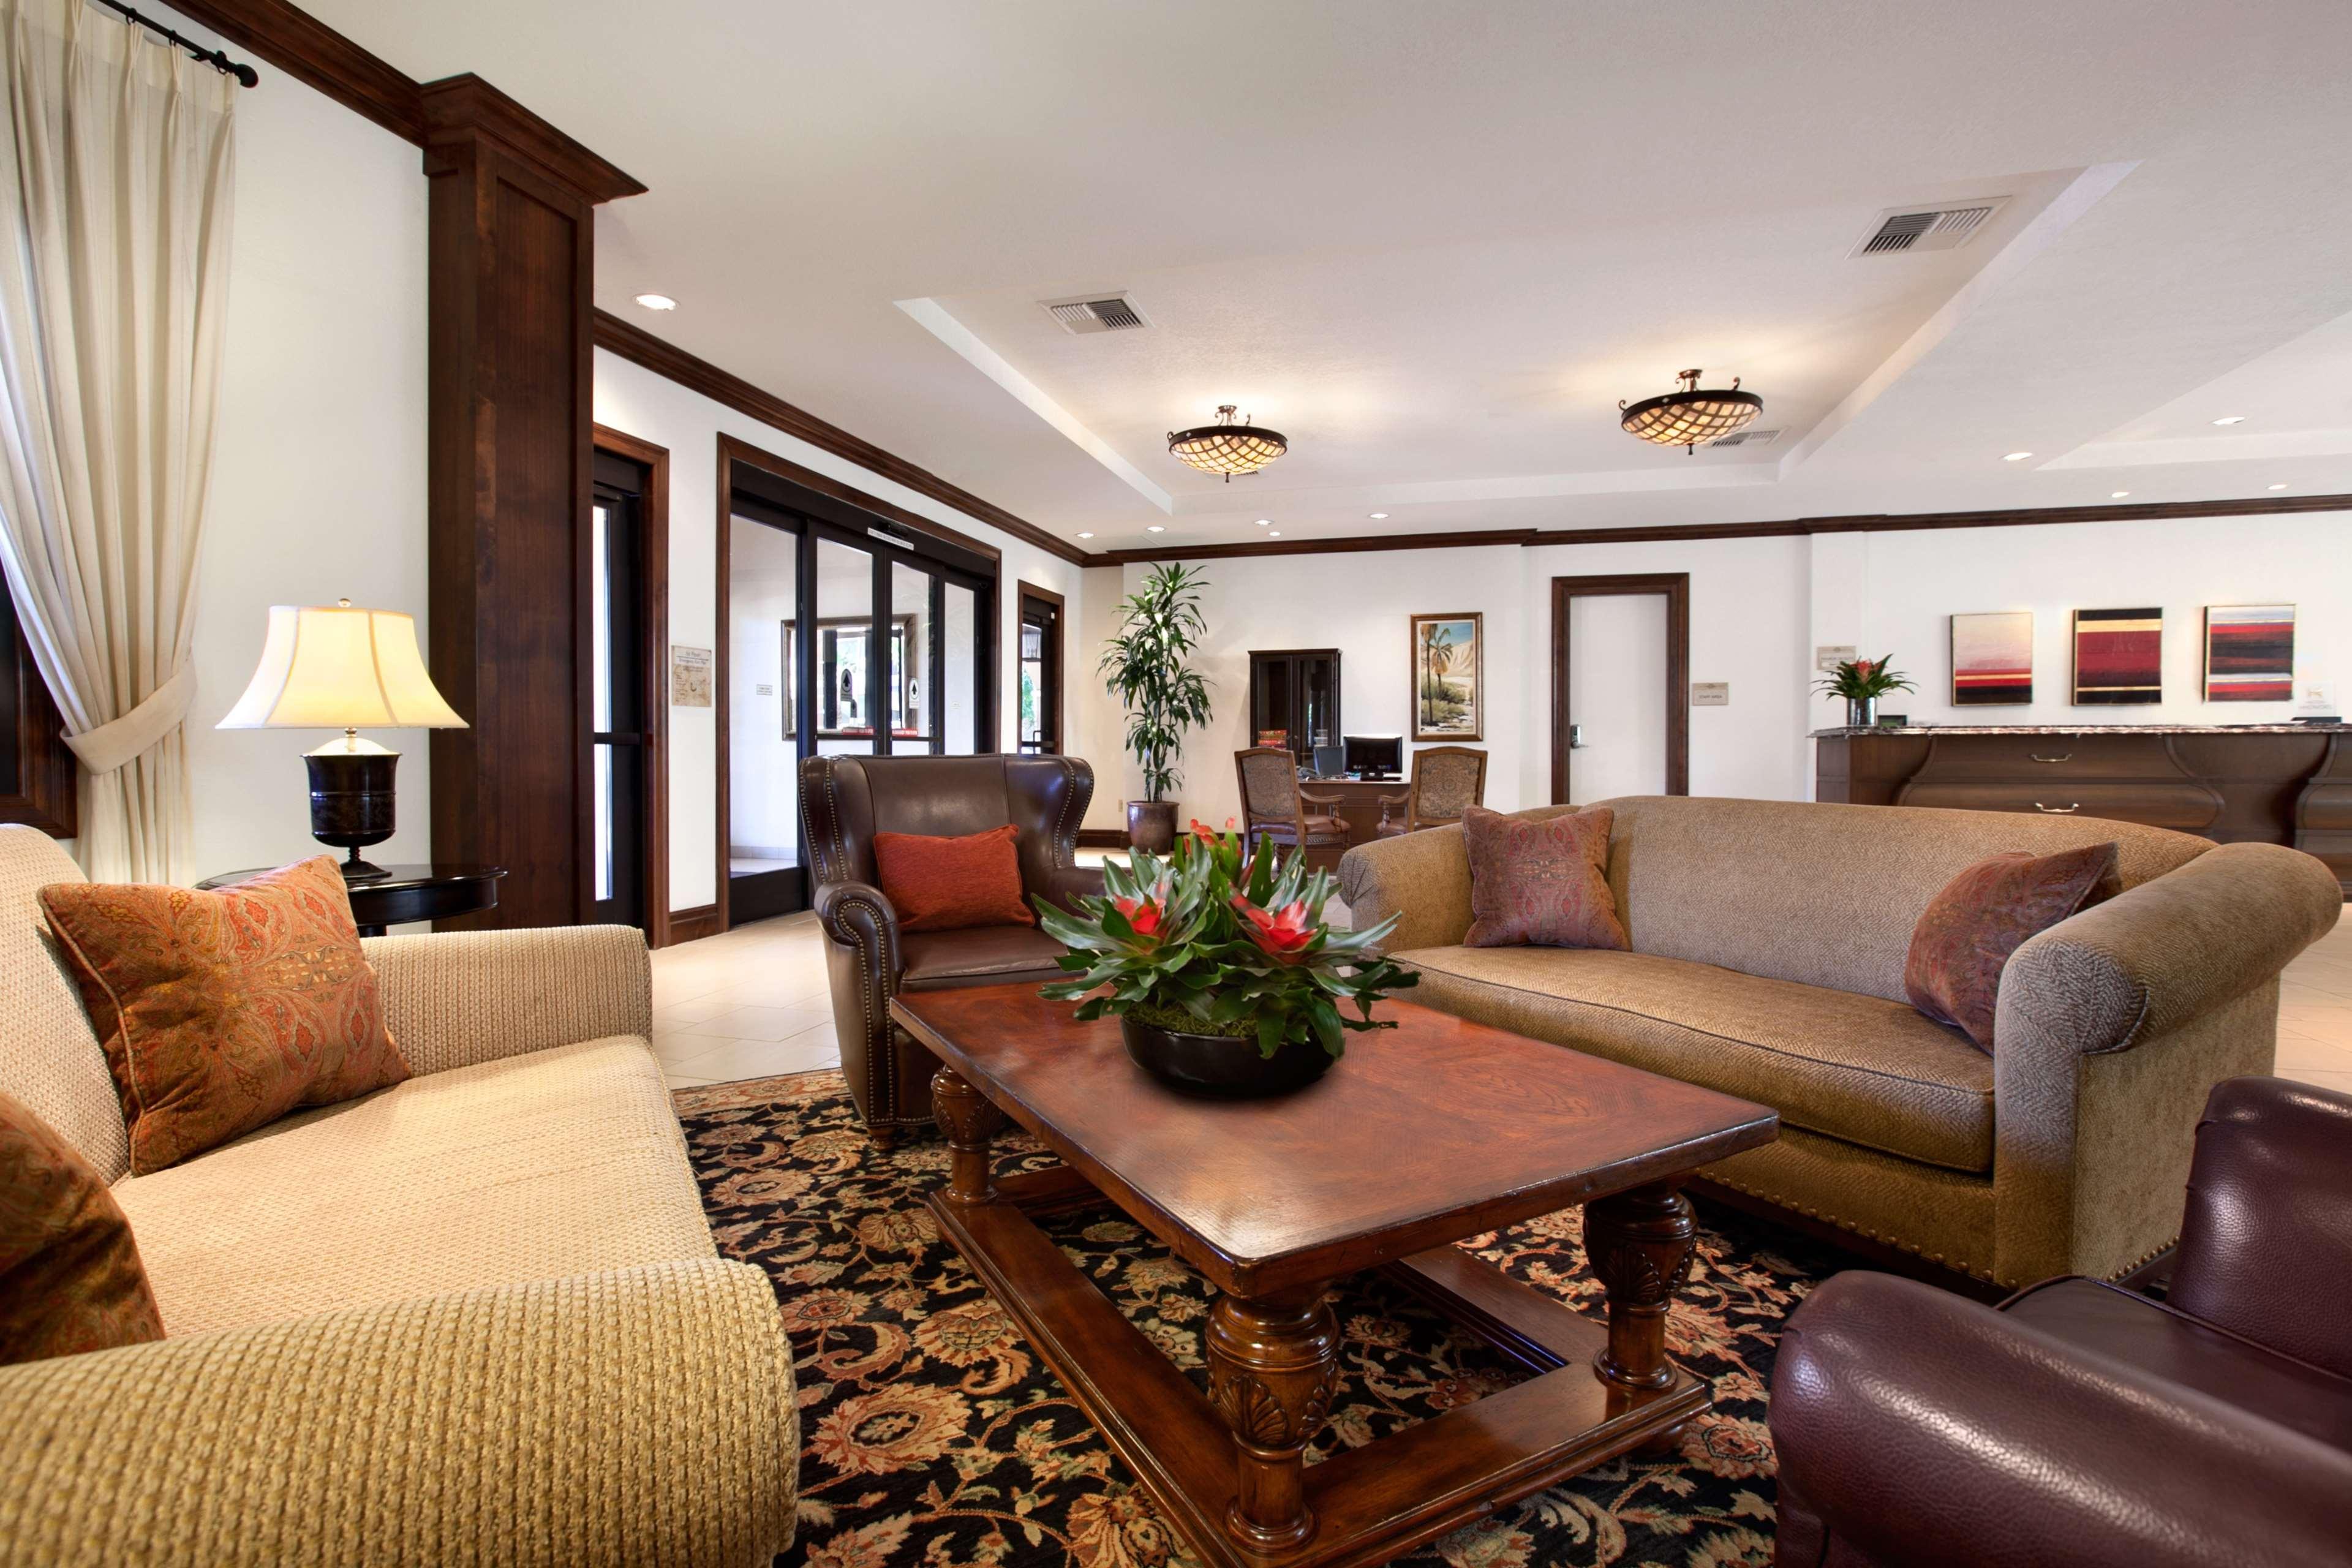 Embassy Suites by Hilton La Quinta Hotel & Spa image 8